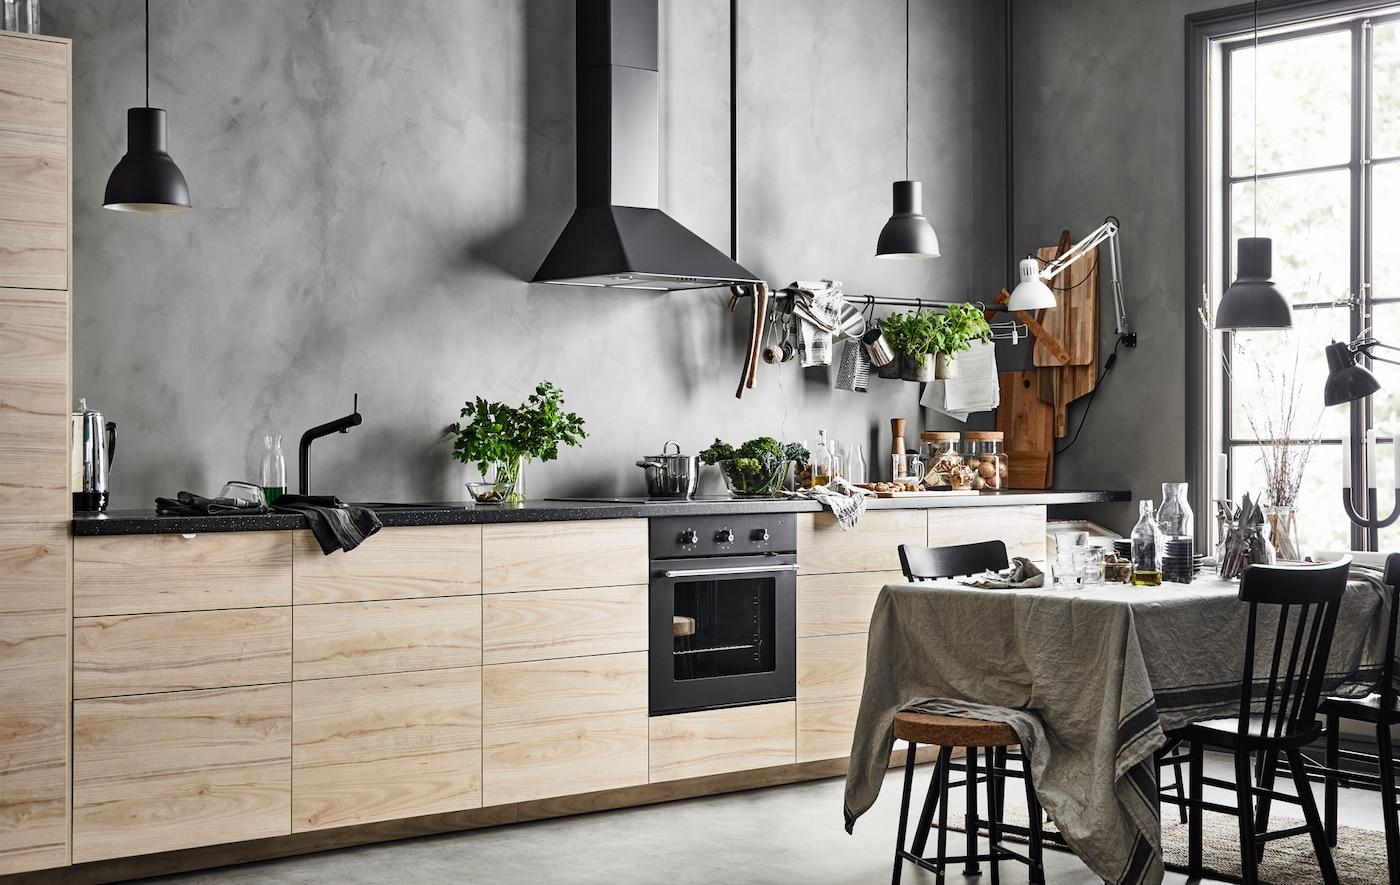 Berühmt Einfach Küchen Und Bäder Oregon Eugene Ideen - Ideen Für Die ...